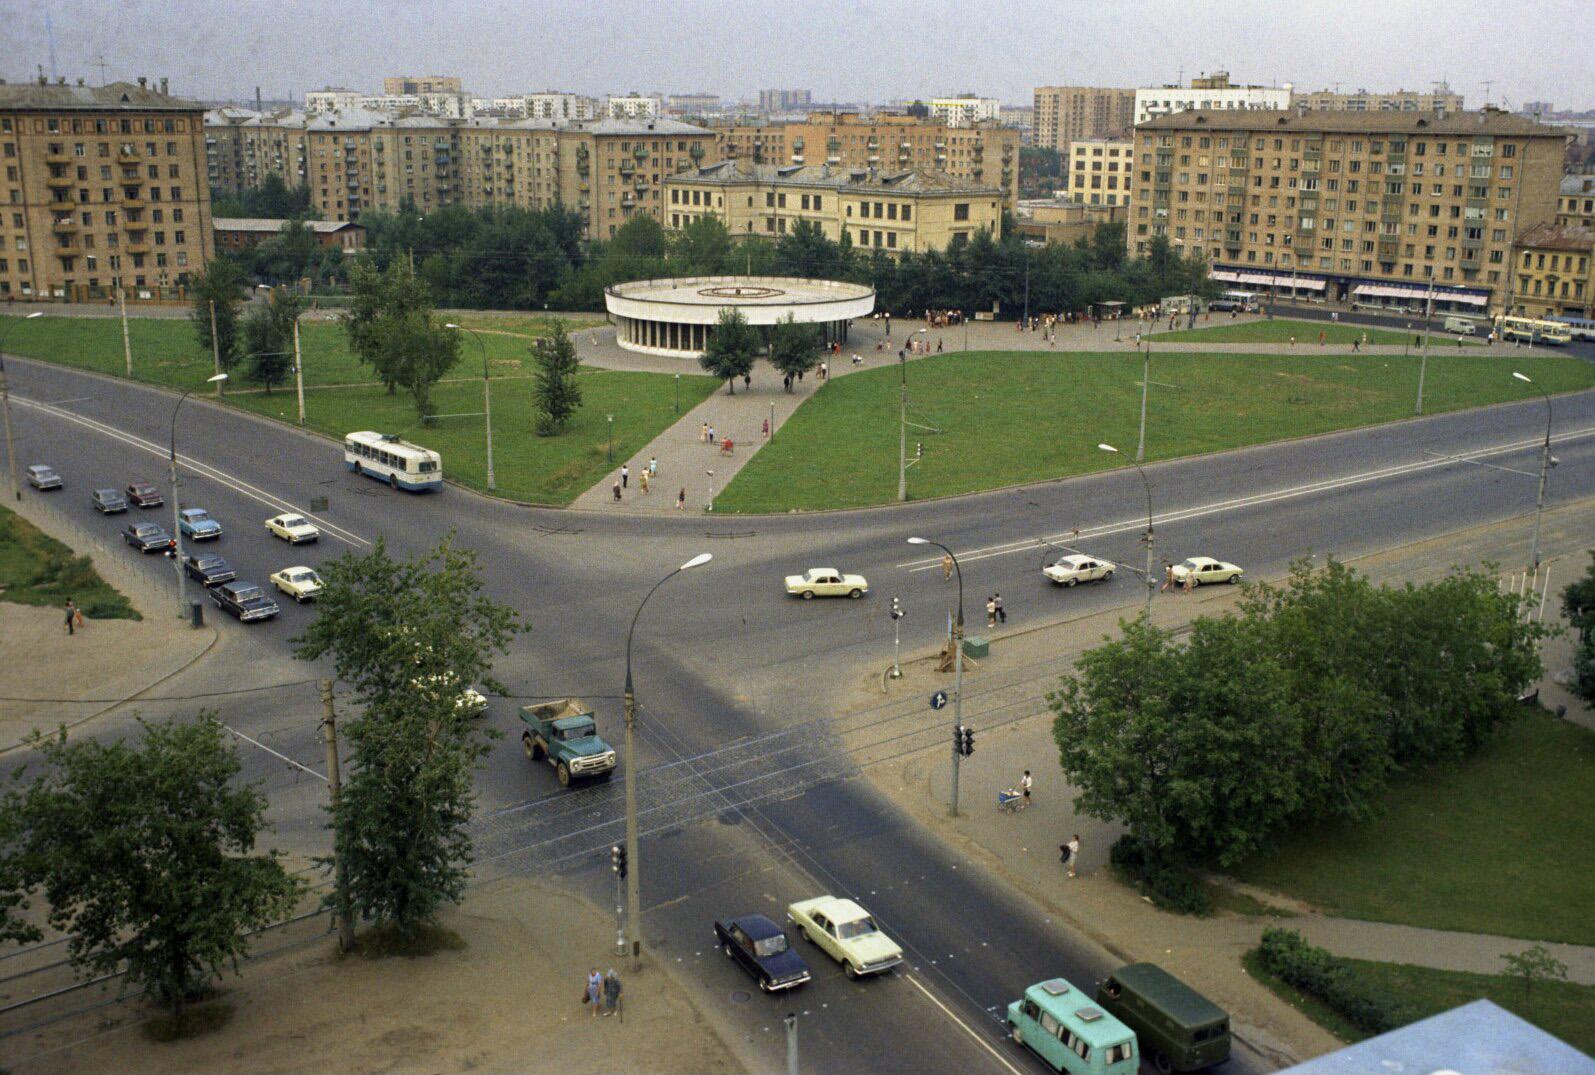 Москва. Краснопресненская застава, 1974 год